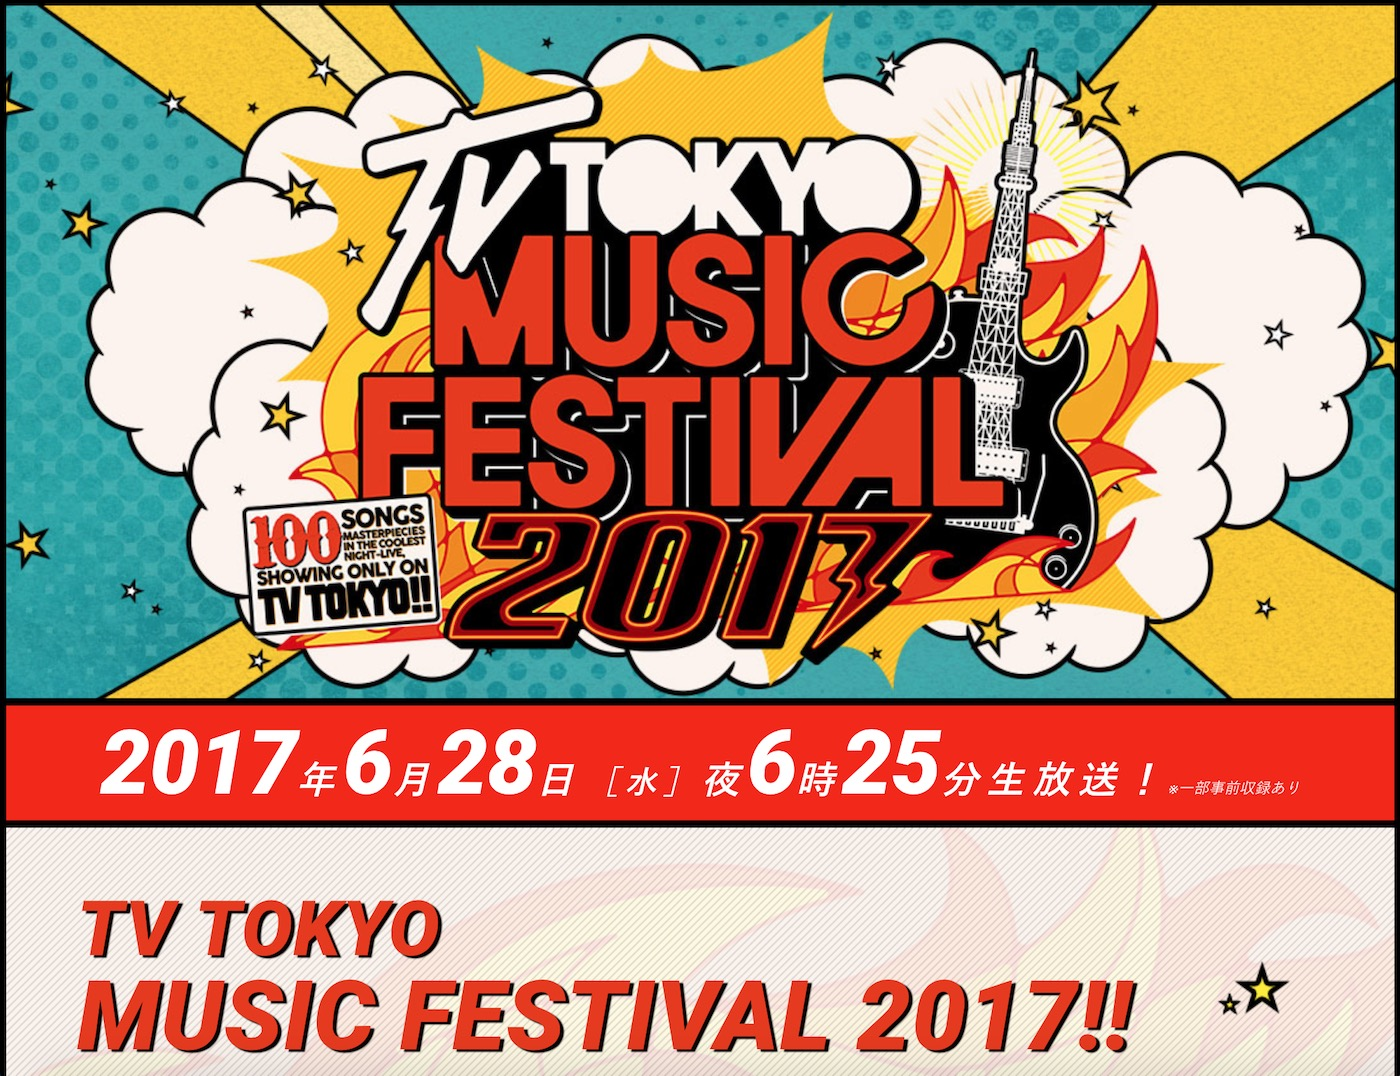 テレビ東京系「テレ東音楽祭2017」